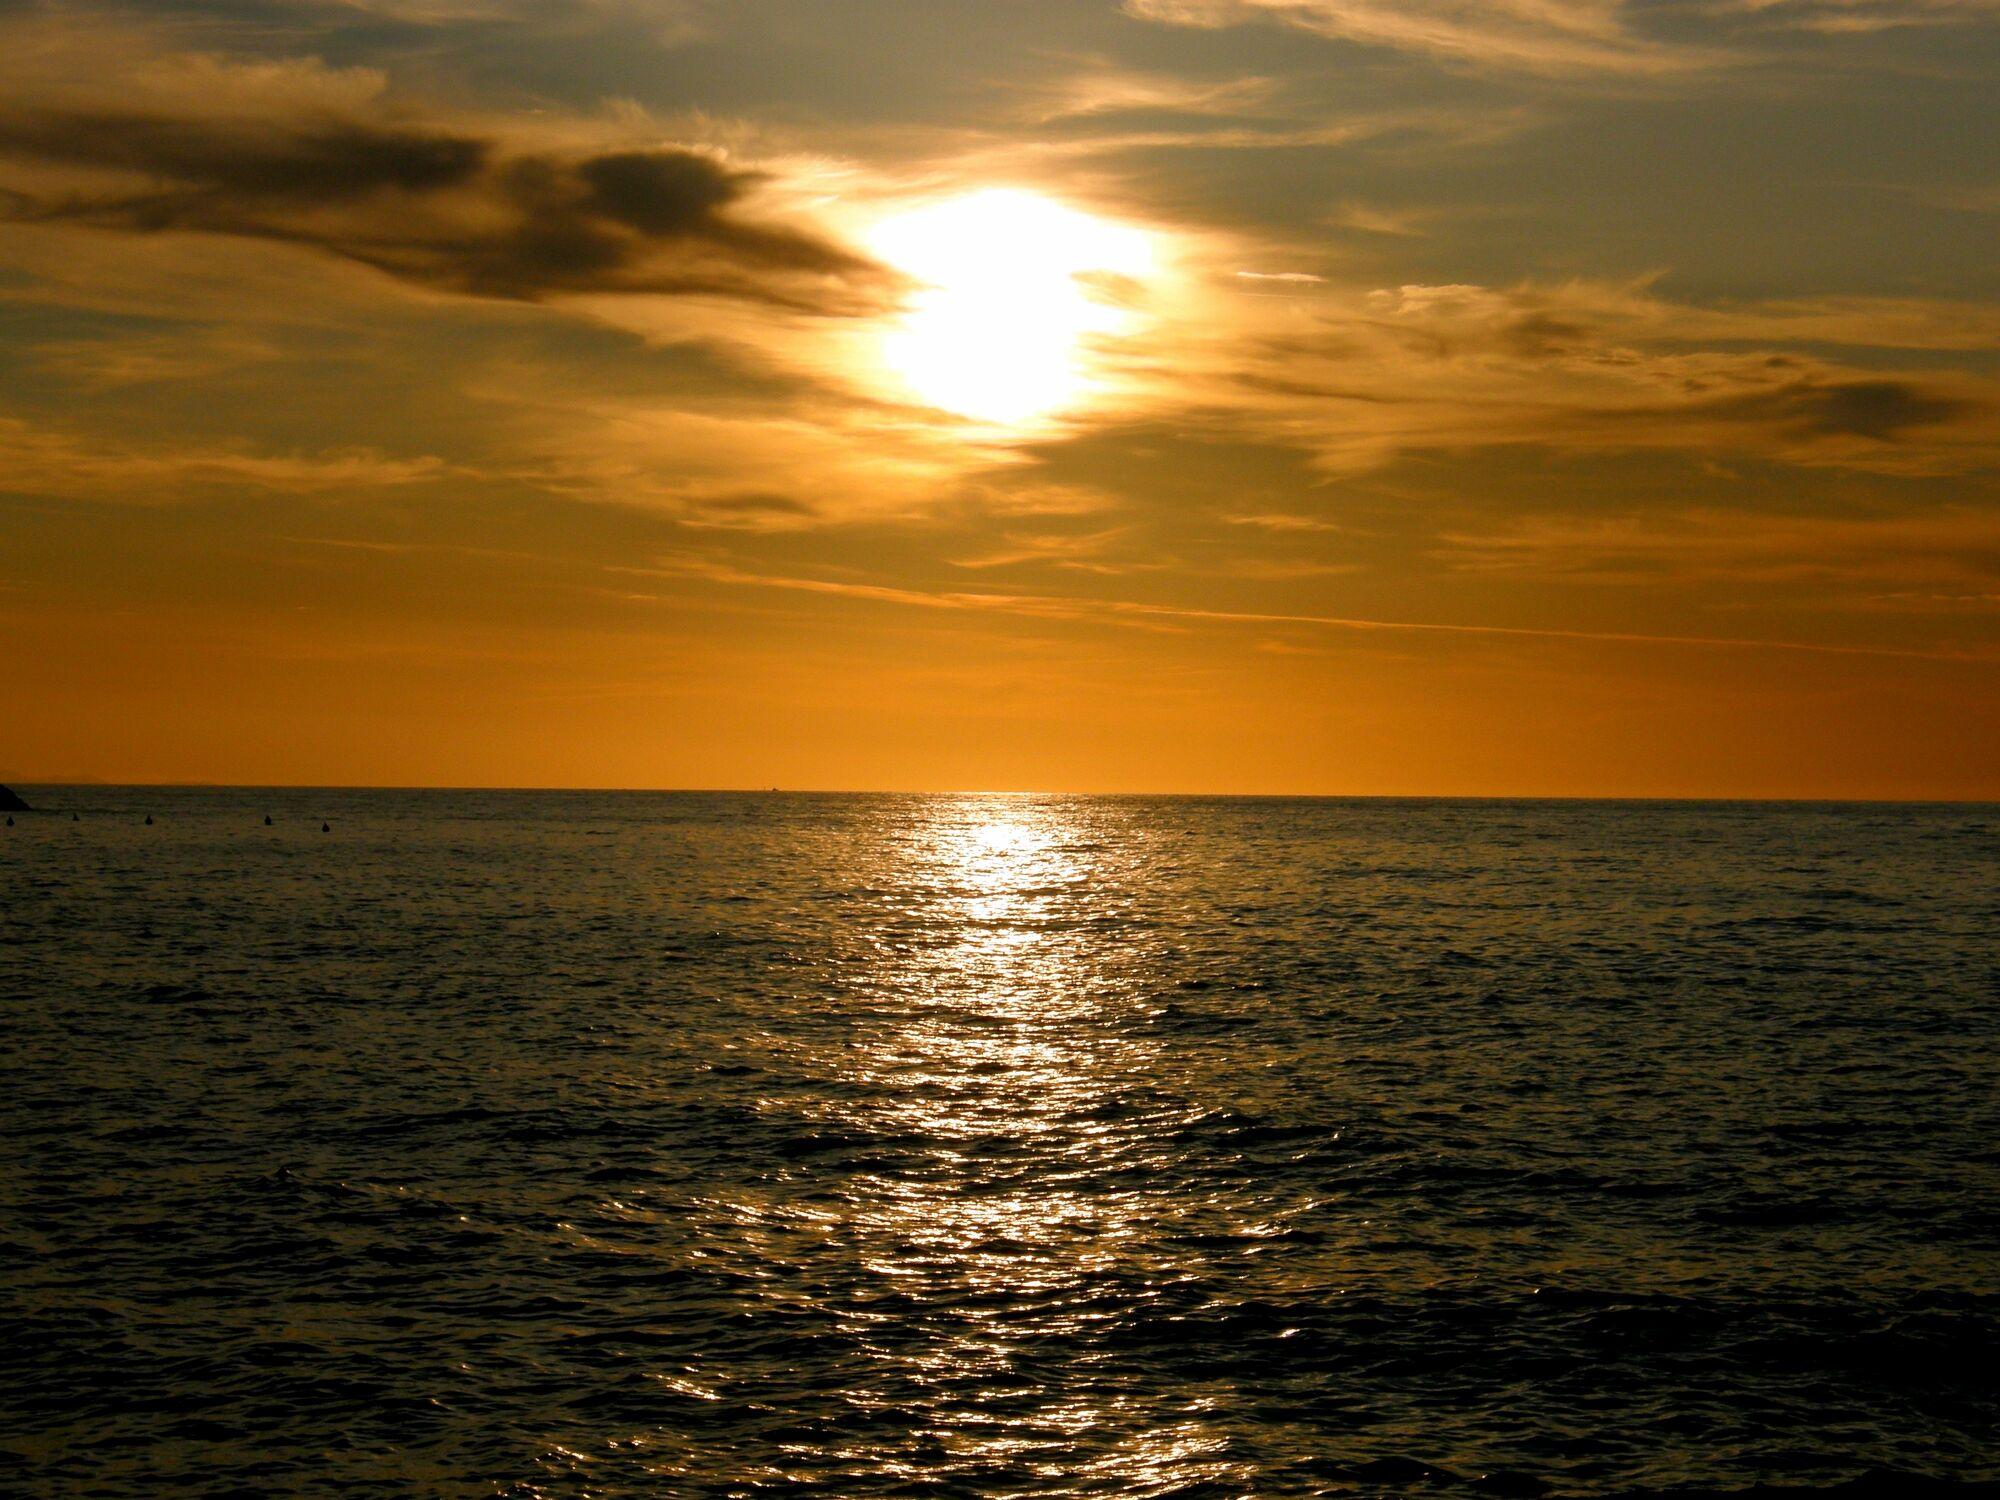 Bild mit Wasser, Gewässer, Strände, Sonnenuntergang, Sonnenaufgang, Strand, Sandstrand, Meerblick, Meer, Sunset